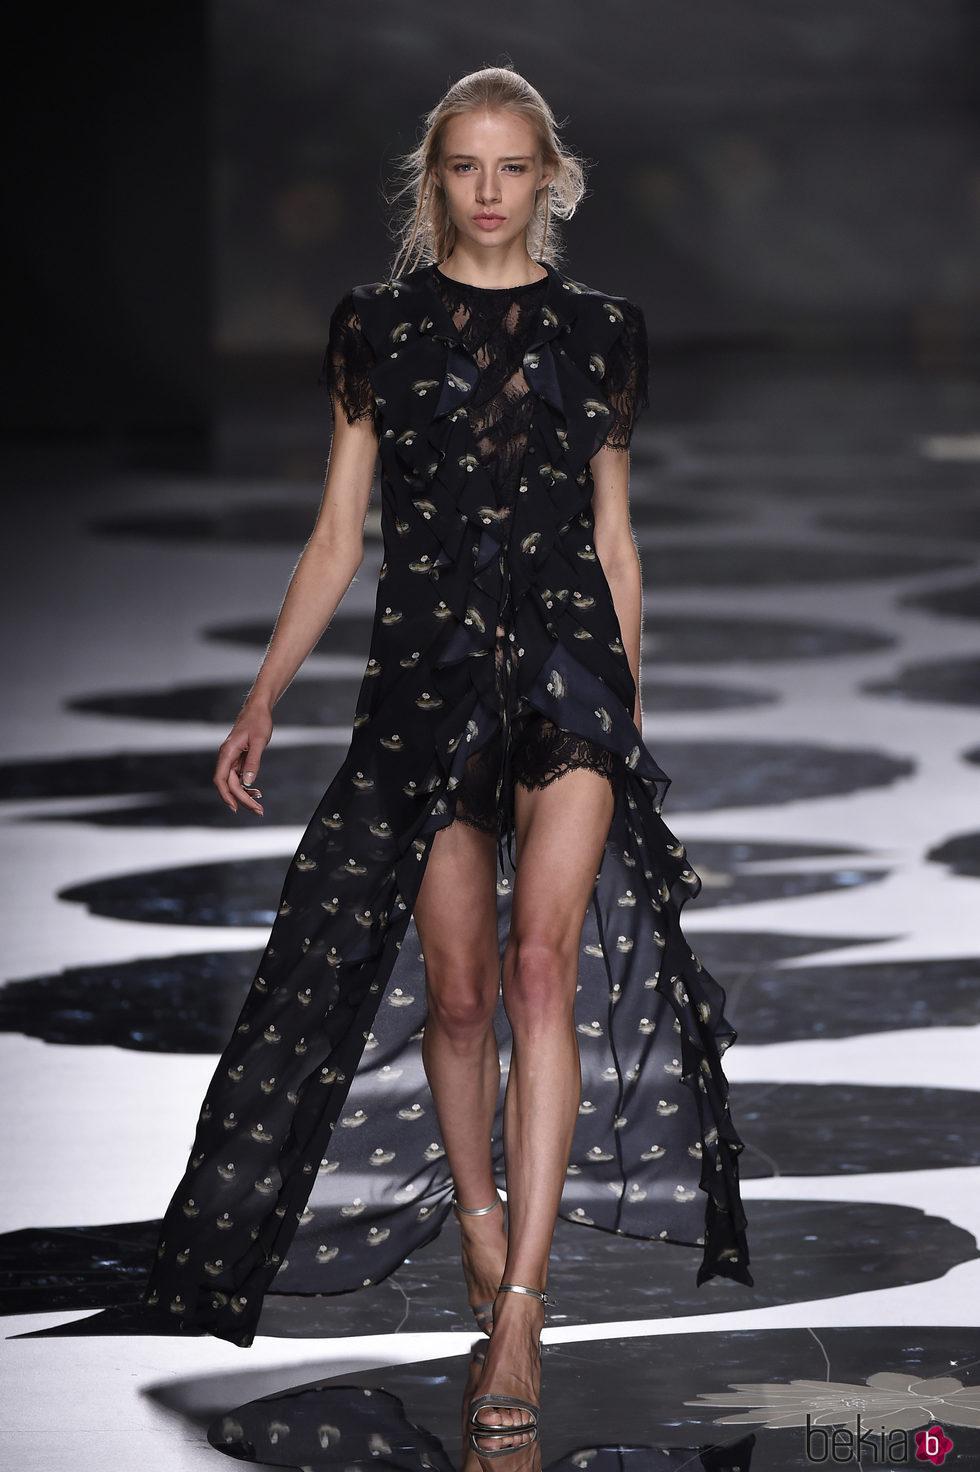 Vestido estampado de color negro con una abertura en la parte delantera de Ailanto primavera/verano 2017 Madrid Fashion Week